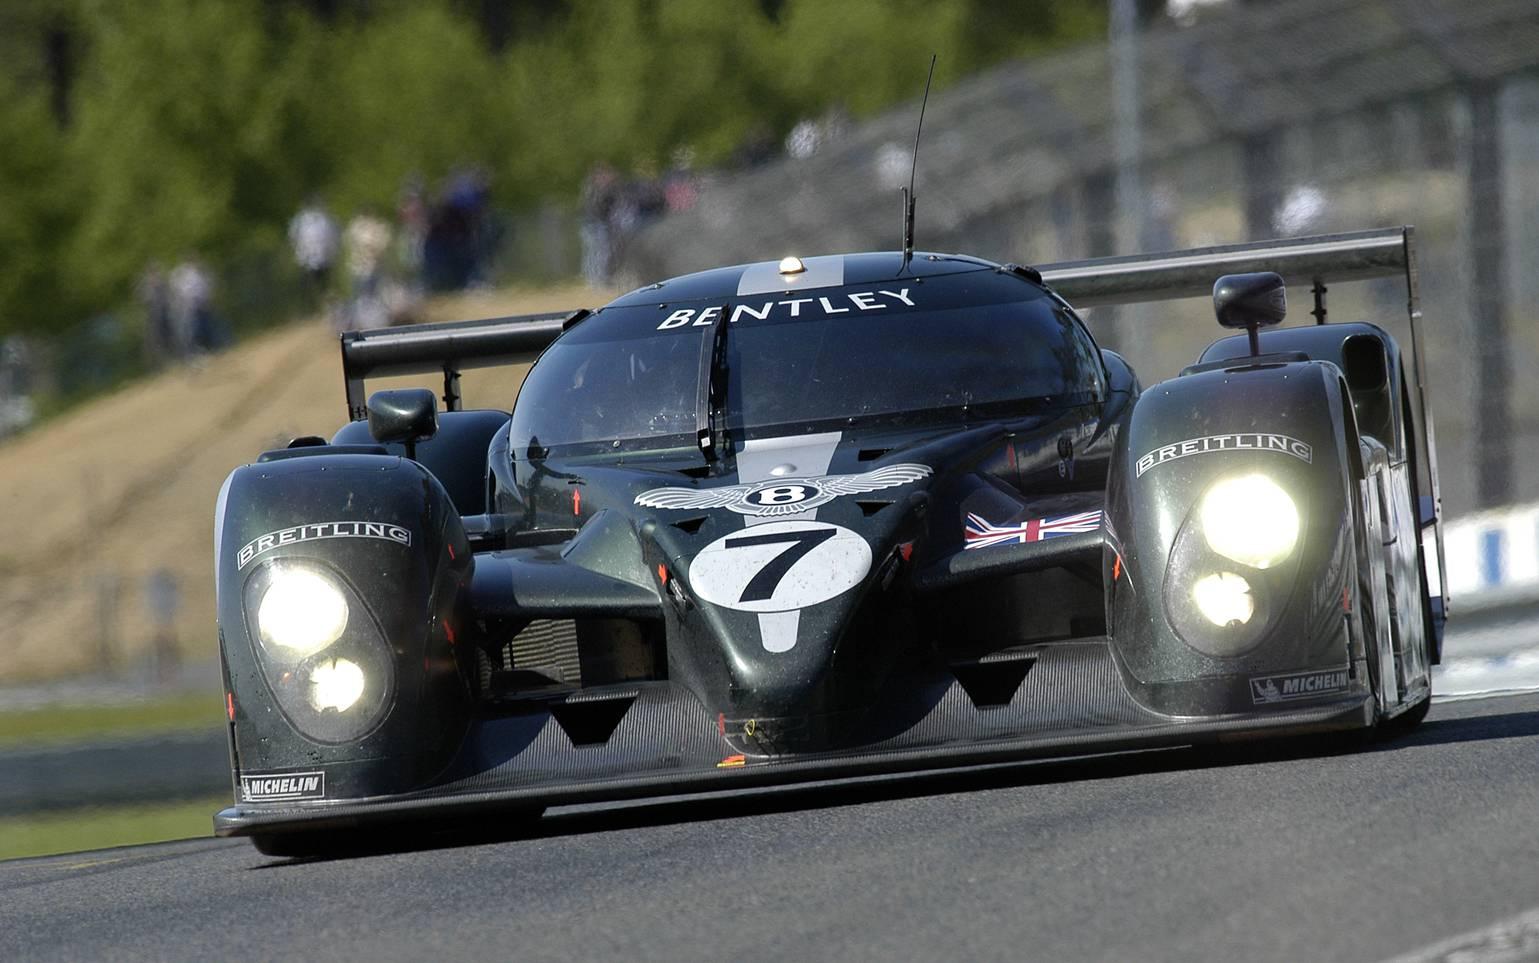 賓利汽車曾摘得2003年勒芒24小時耐力賽桂冠 (2).jpg